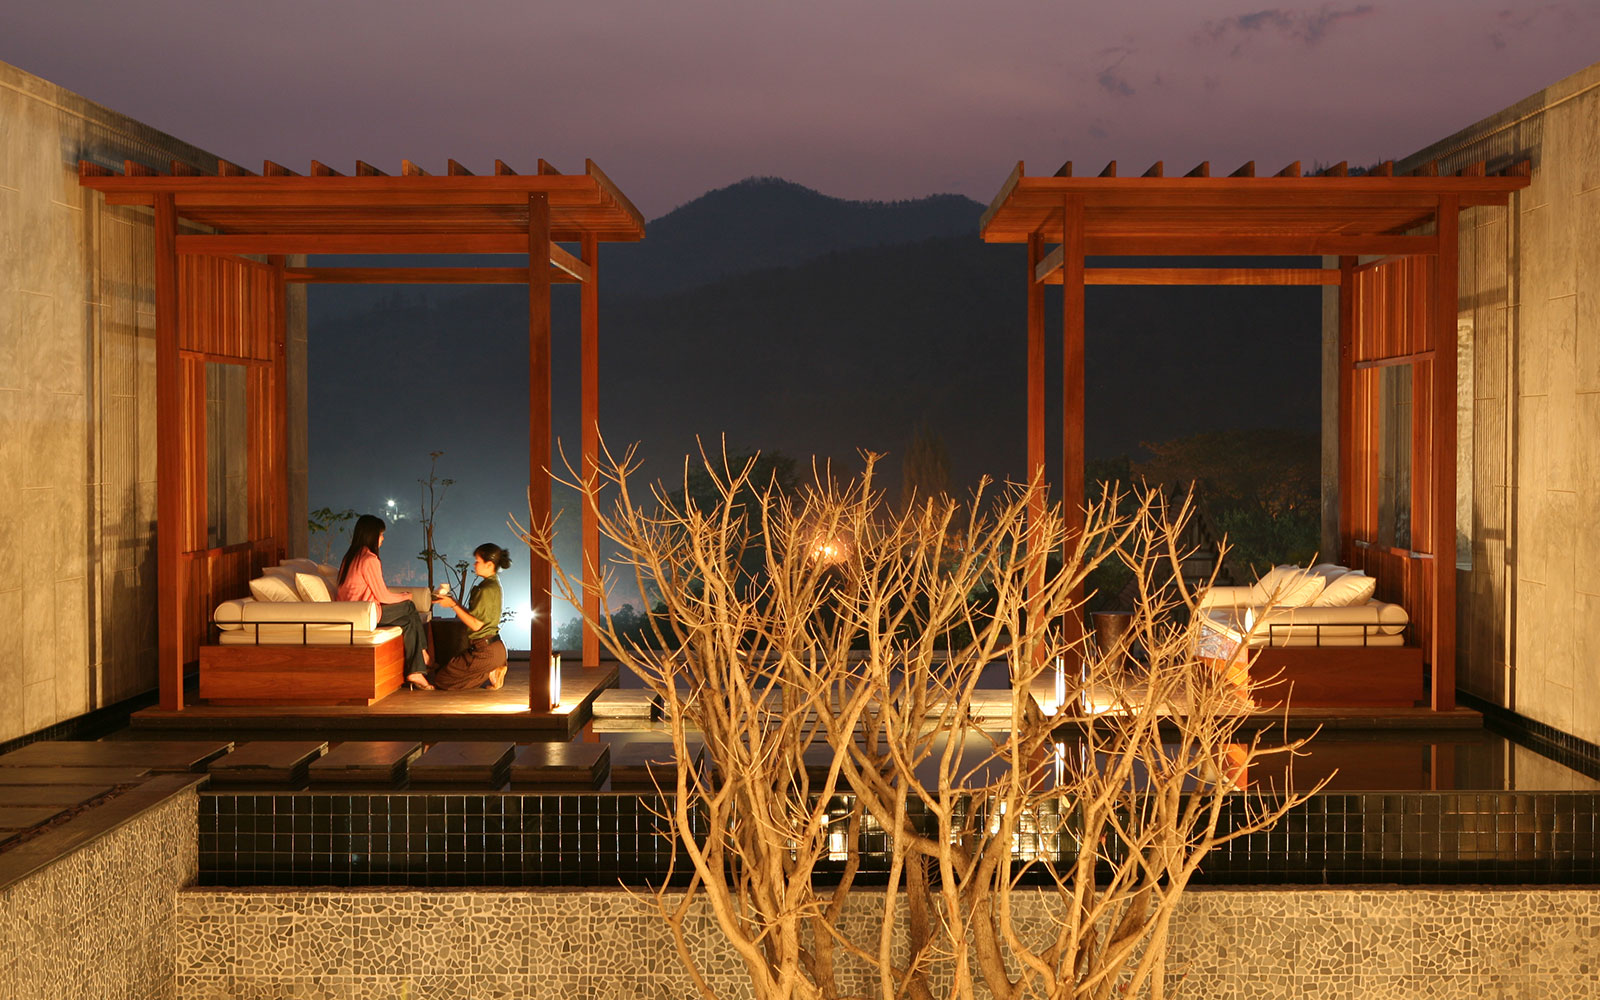 รับสมัครพนักงานสปา: Veranda Spa, Veranda Chiangmai Resort วีรันดา สปา, วีรันดา เชียงใหม่ รีสอร์ท